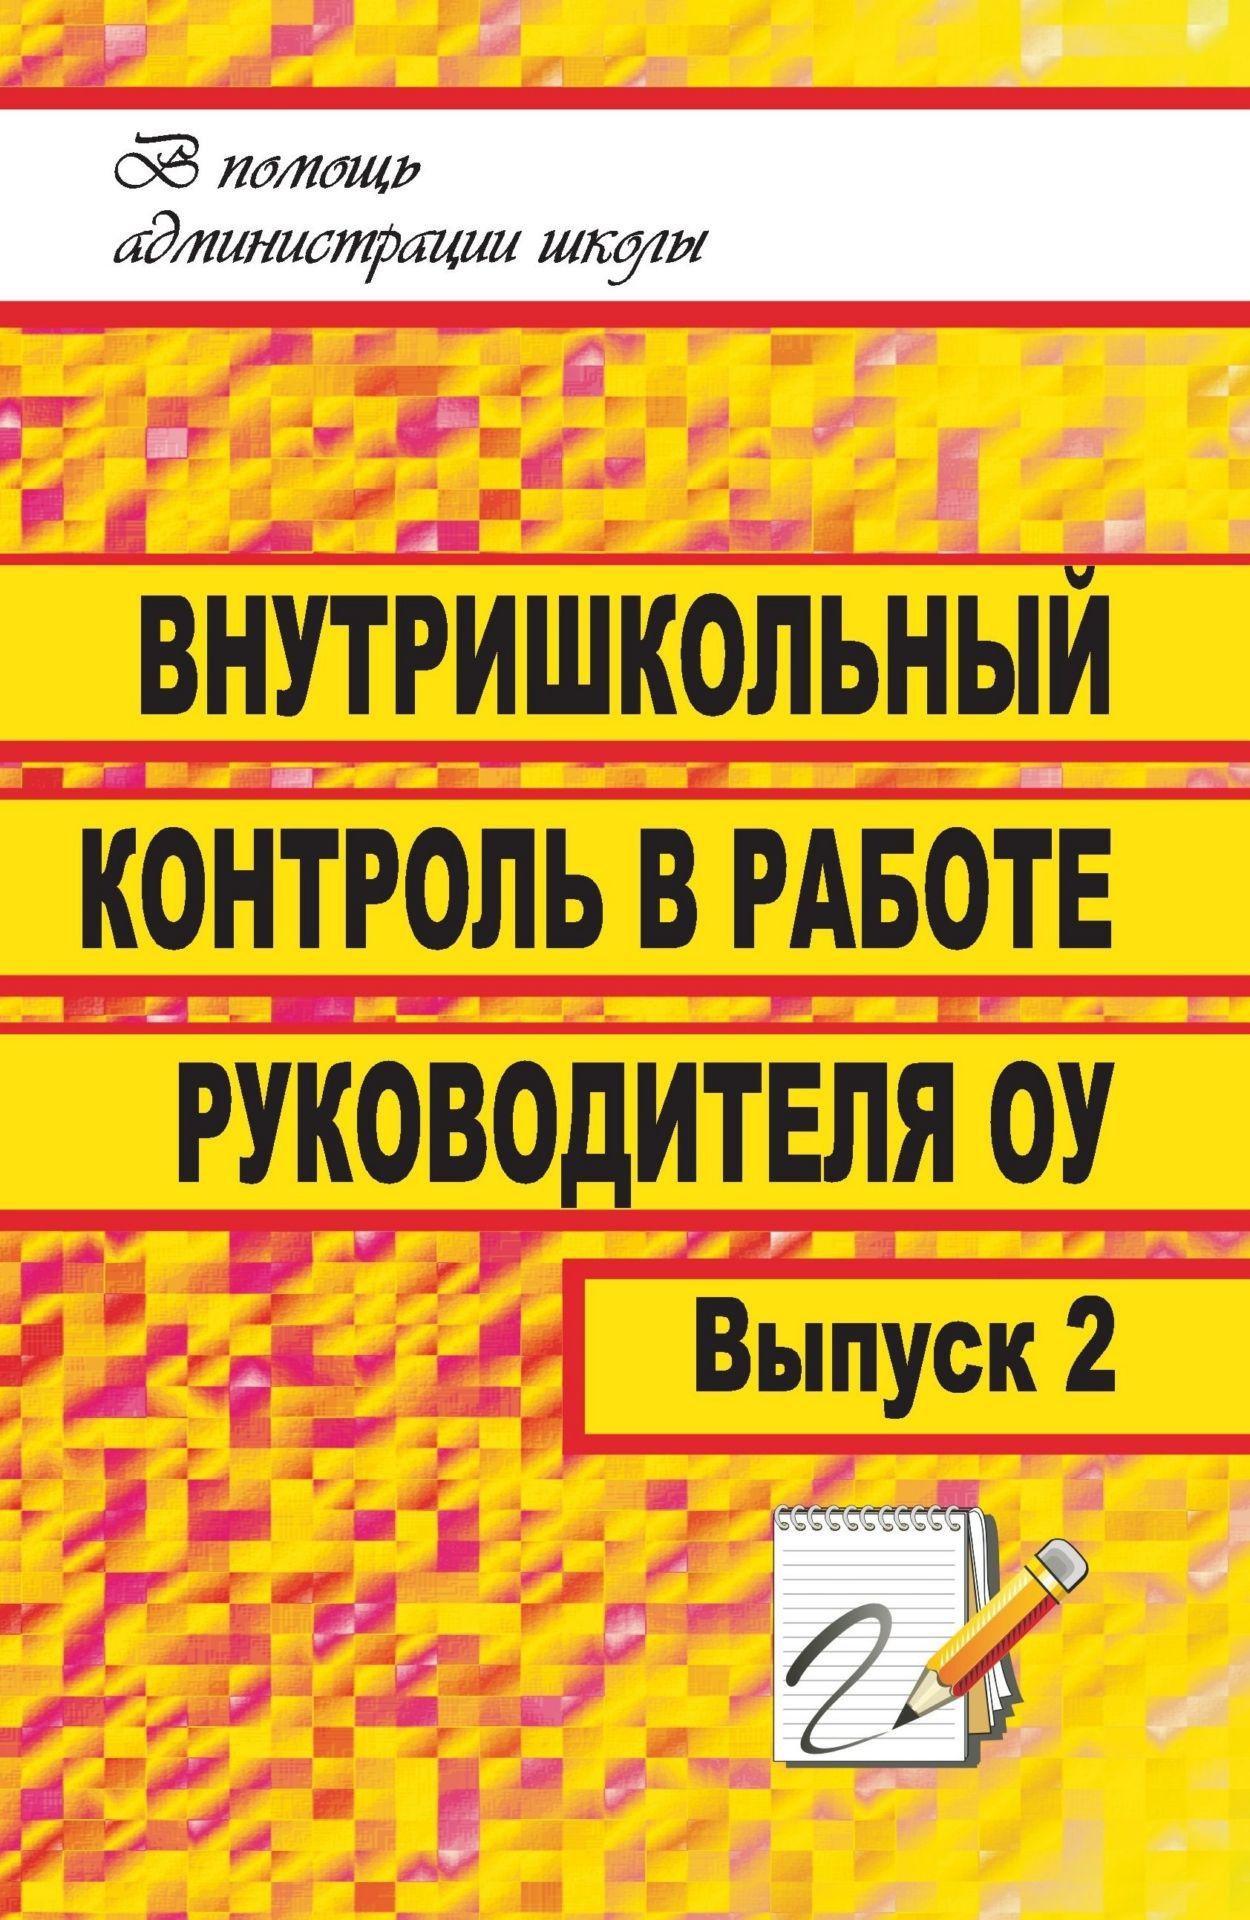 Внутришкольный контроль в работе руководителя образовательного учреждения. - Вып. 2